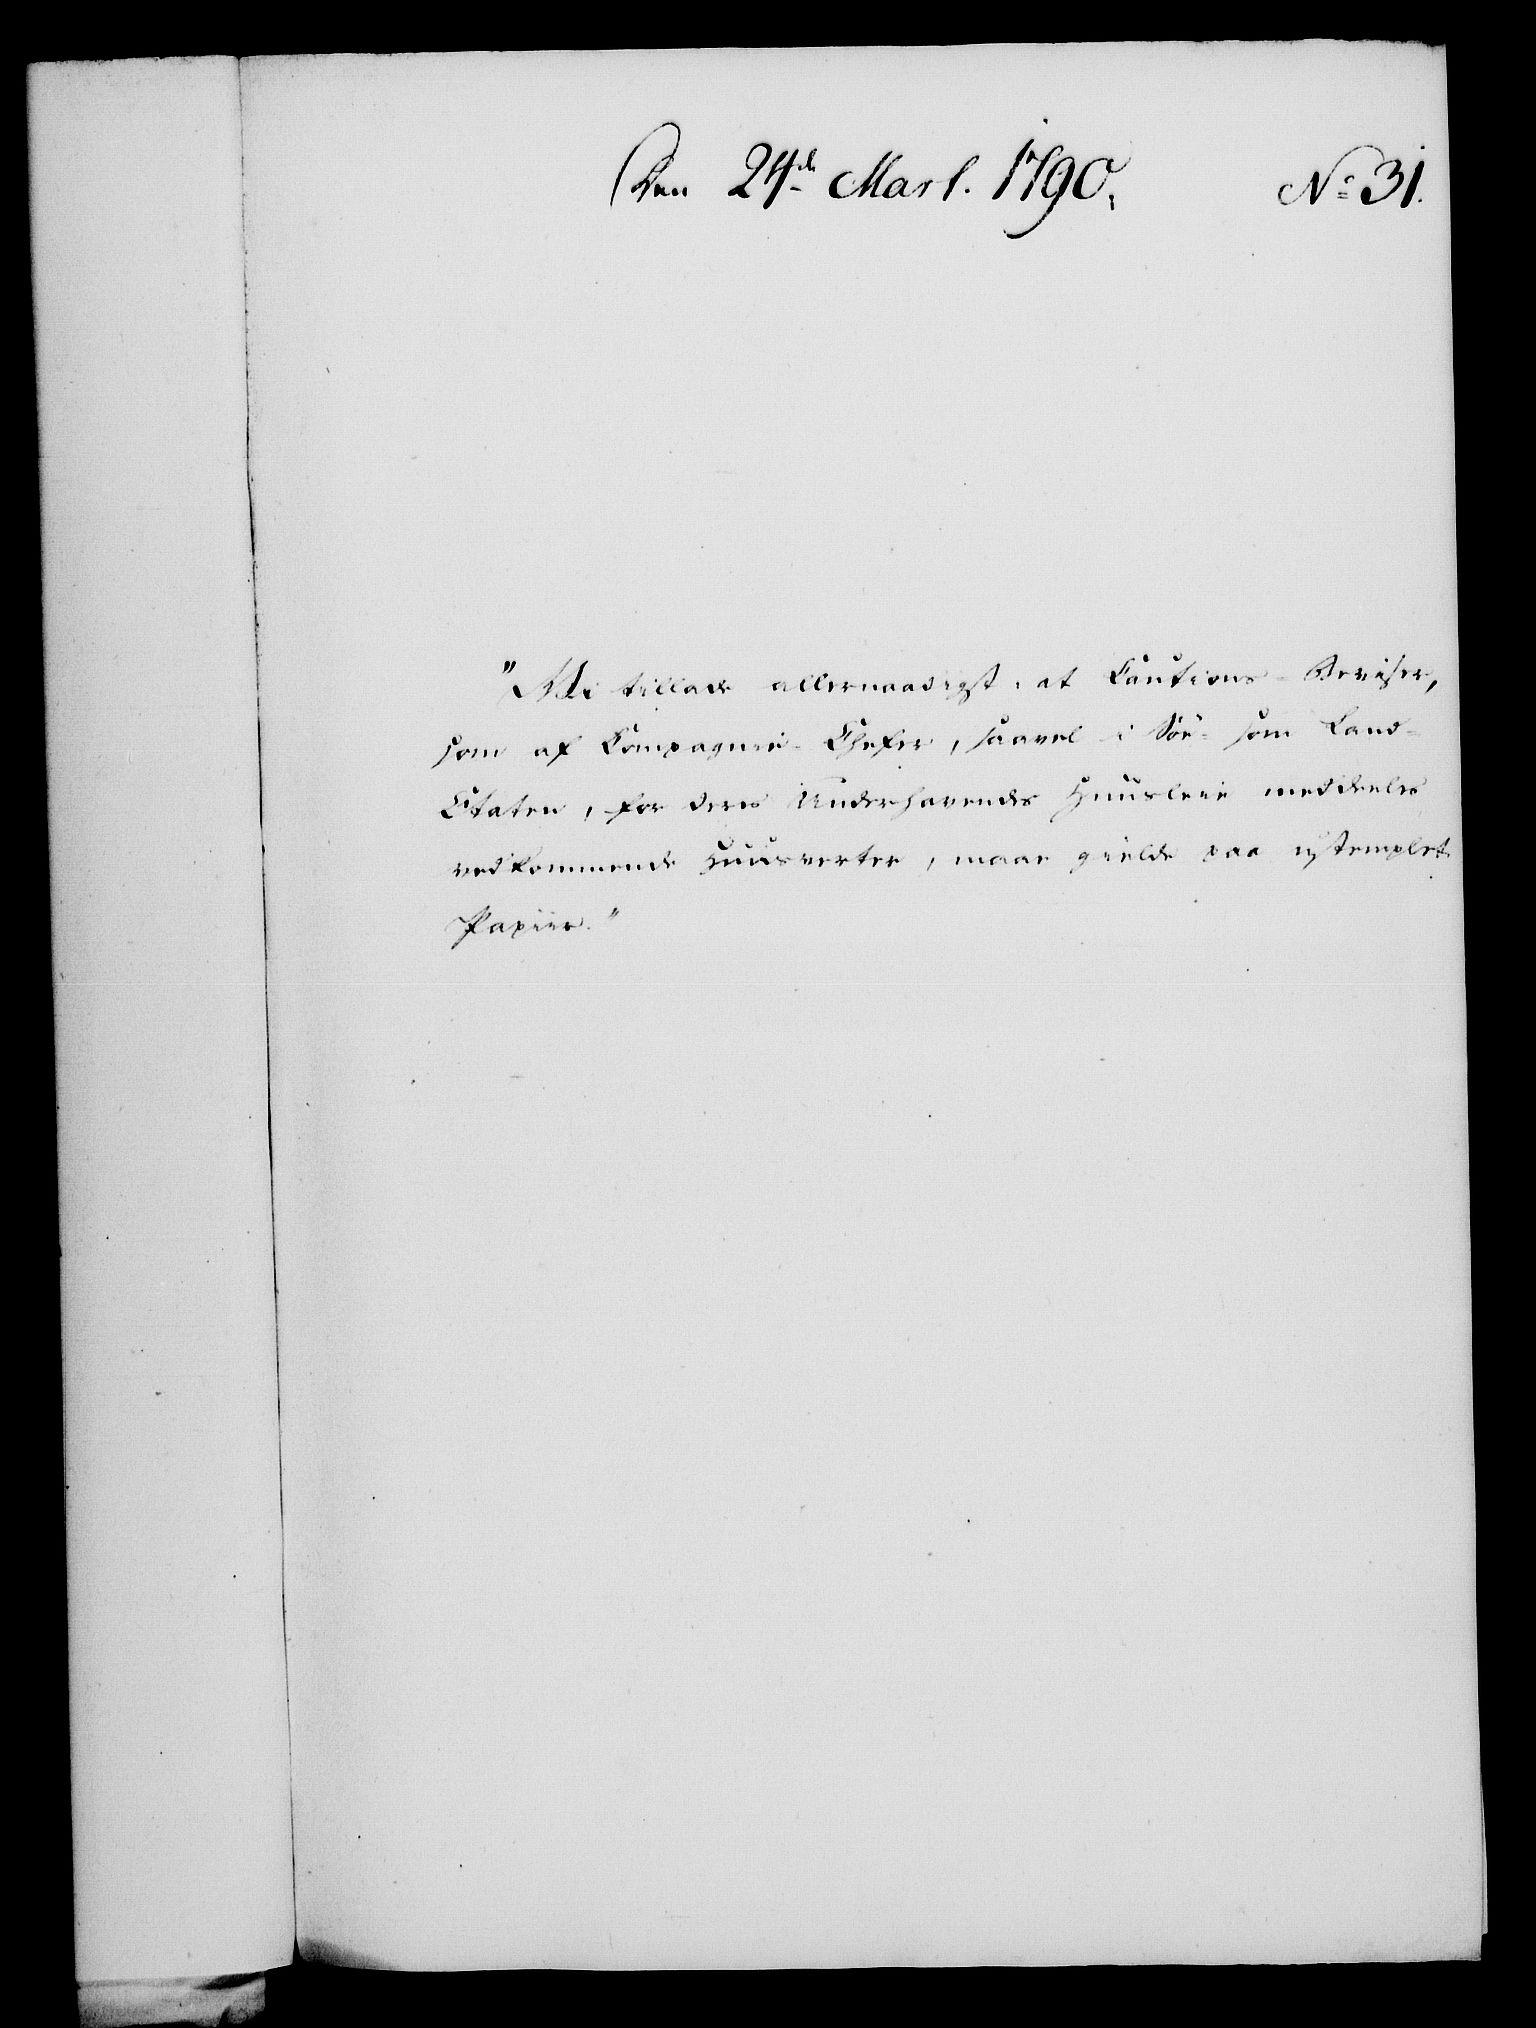 RA, Rentekammeret, Kammerkanselliet, G/Gf/Gfa/L0072: Norsk relasjons- og resolusjonsprotokoll (merket RK 52.72), 1790, s. 163